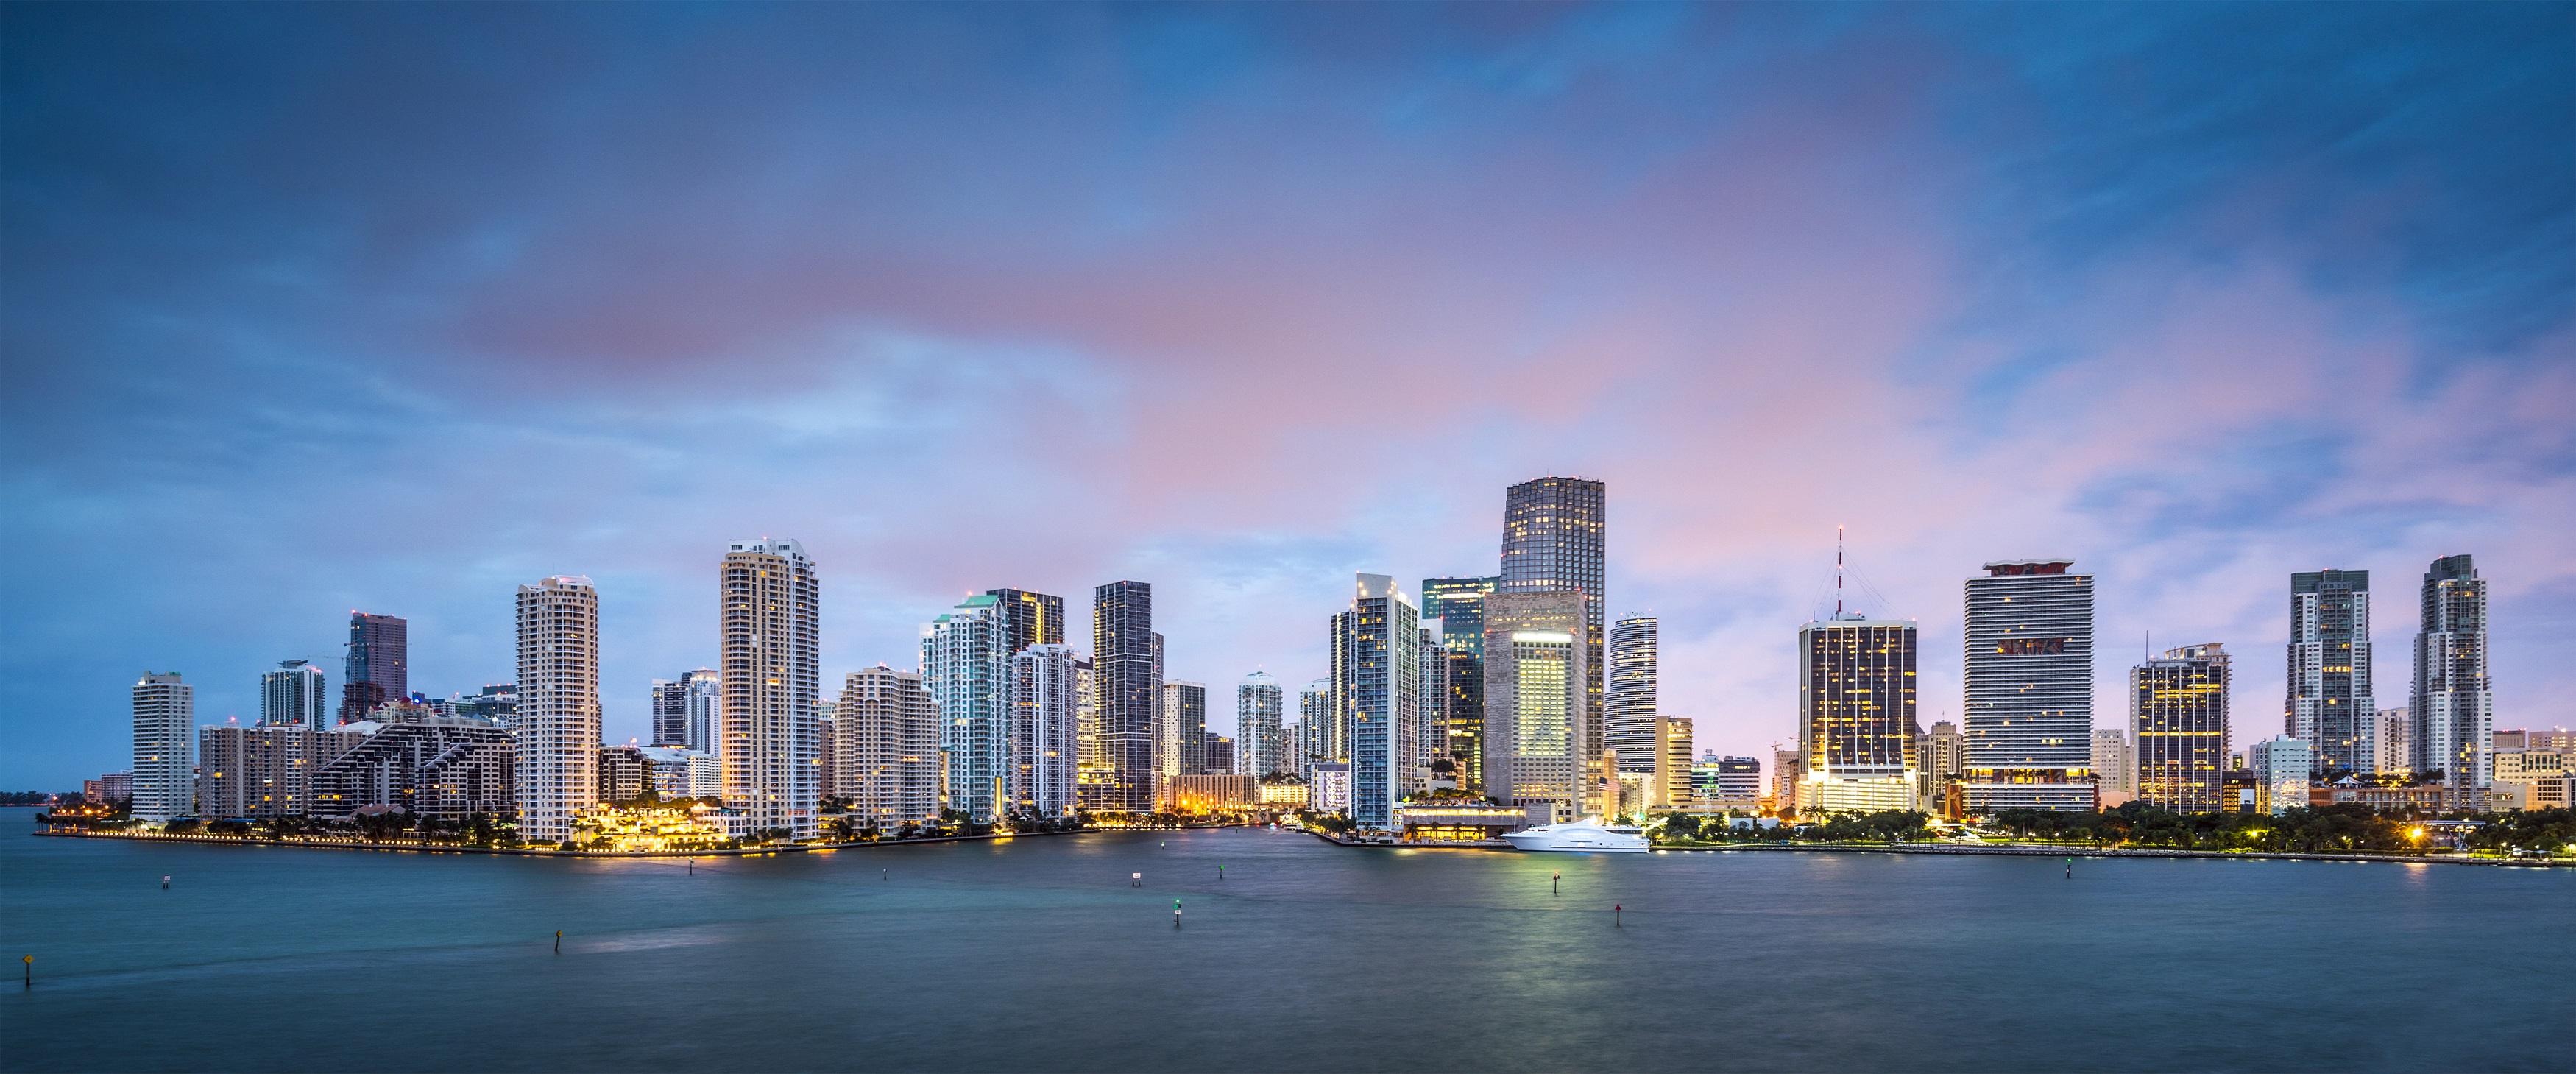 Miami Condominium Sales Luxury Home Transactions Rise In